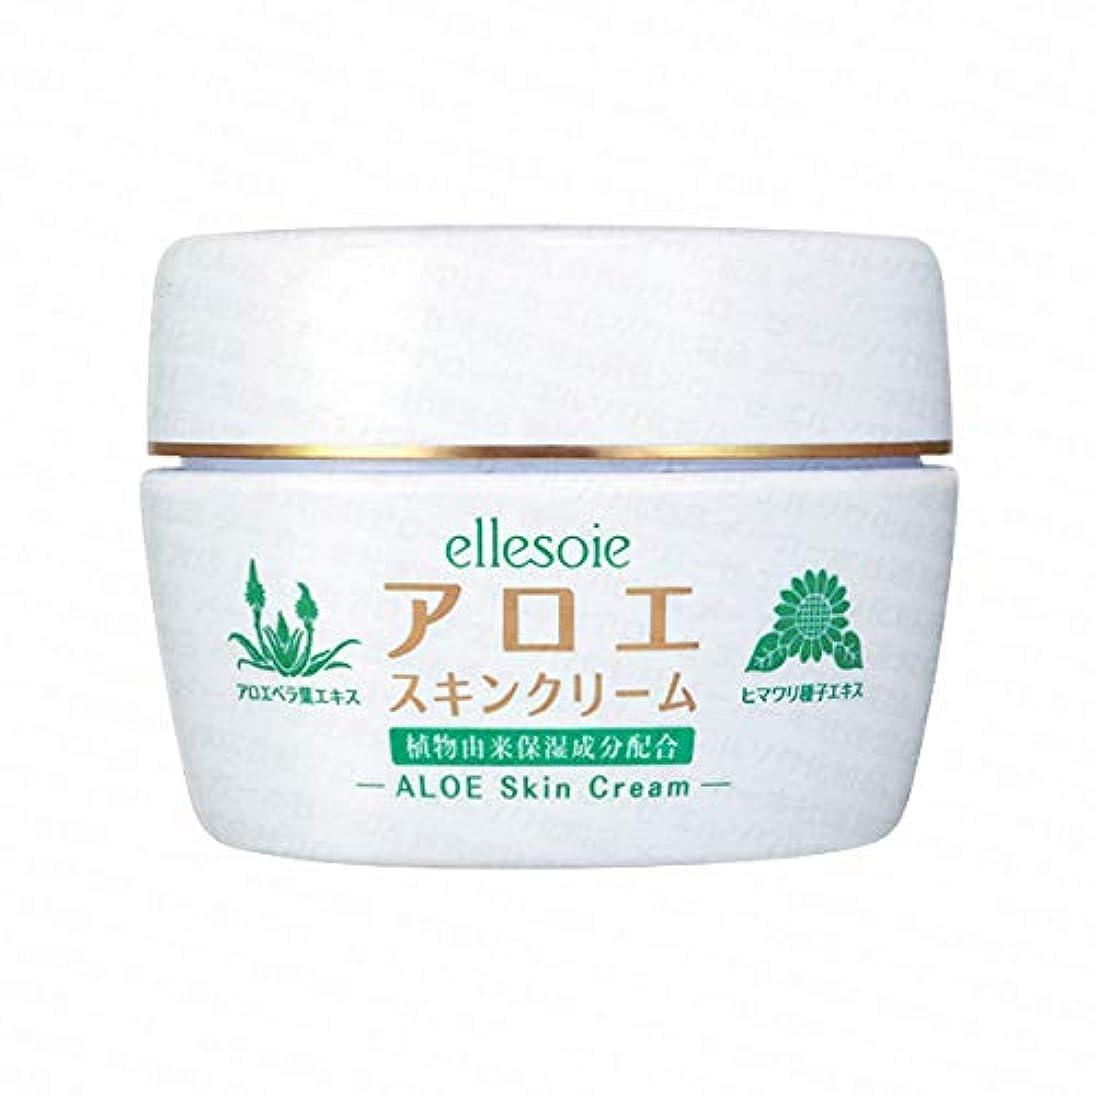 数字アンカー抜け目がないエルソワ化粧品(ellesoie) アロエスキンクリーム 本体210g ボディ用保湿クリーム